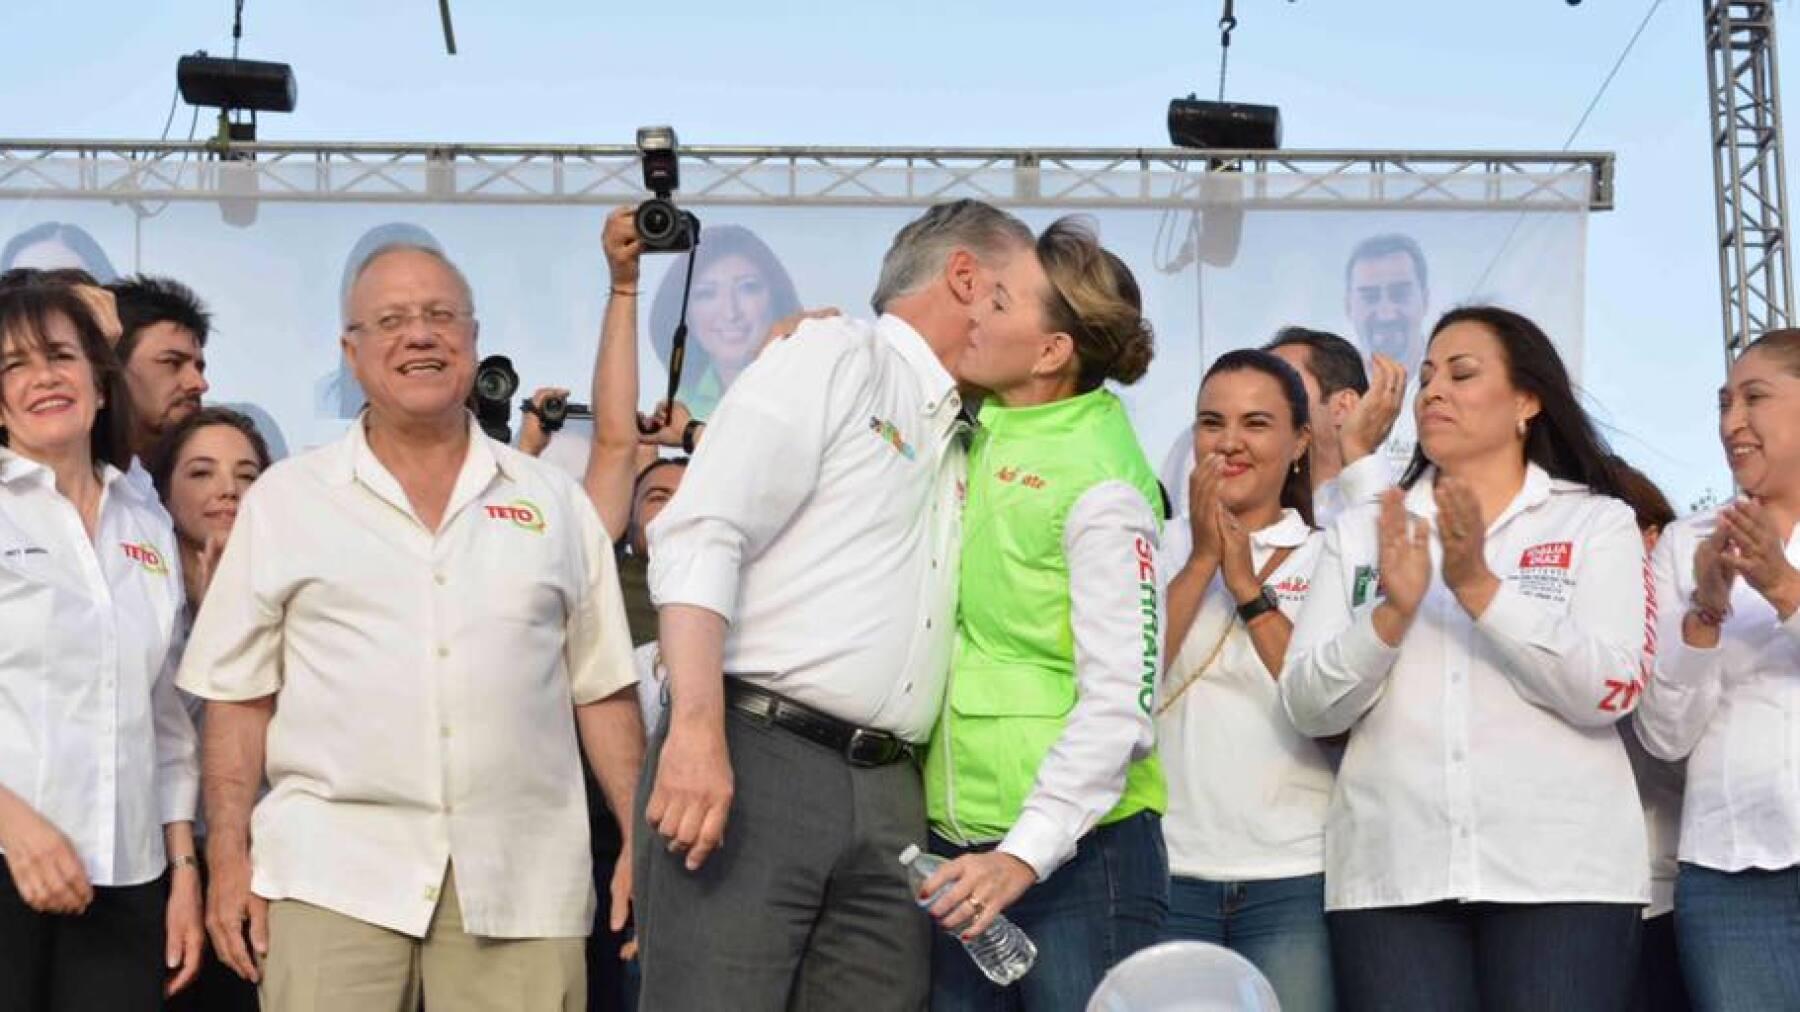 La esposa del priista Enrique Serrano suele acompañarlo en la mayoría de sus eventos, aunque también tiene una agenda independiente.